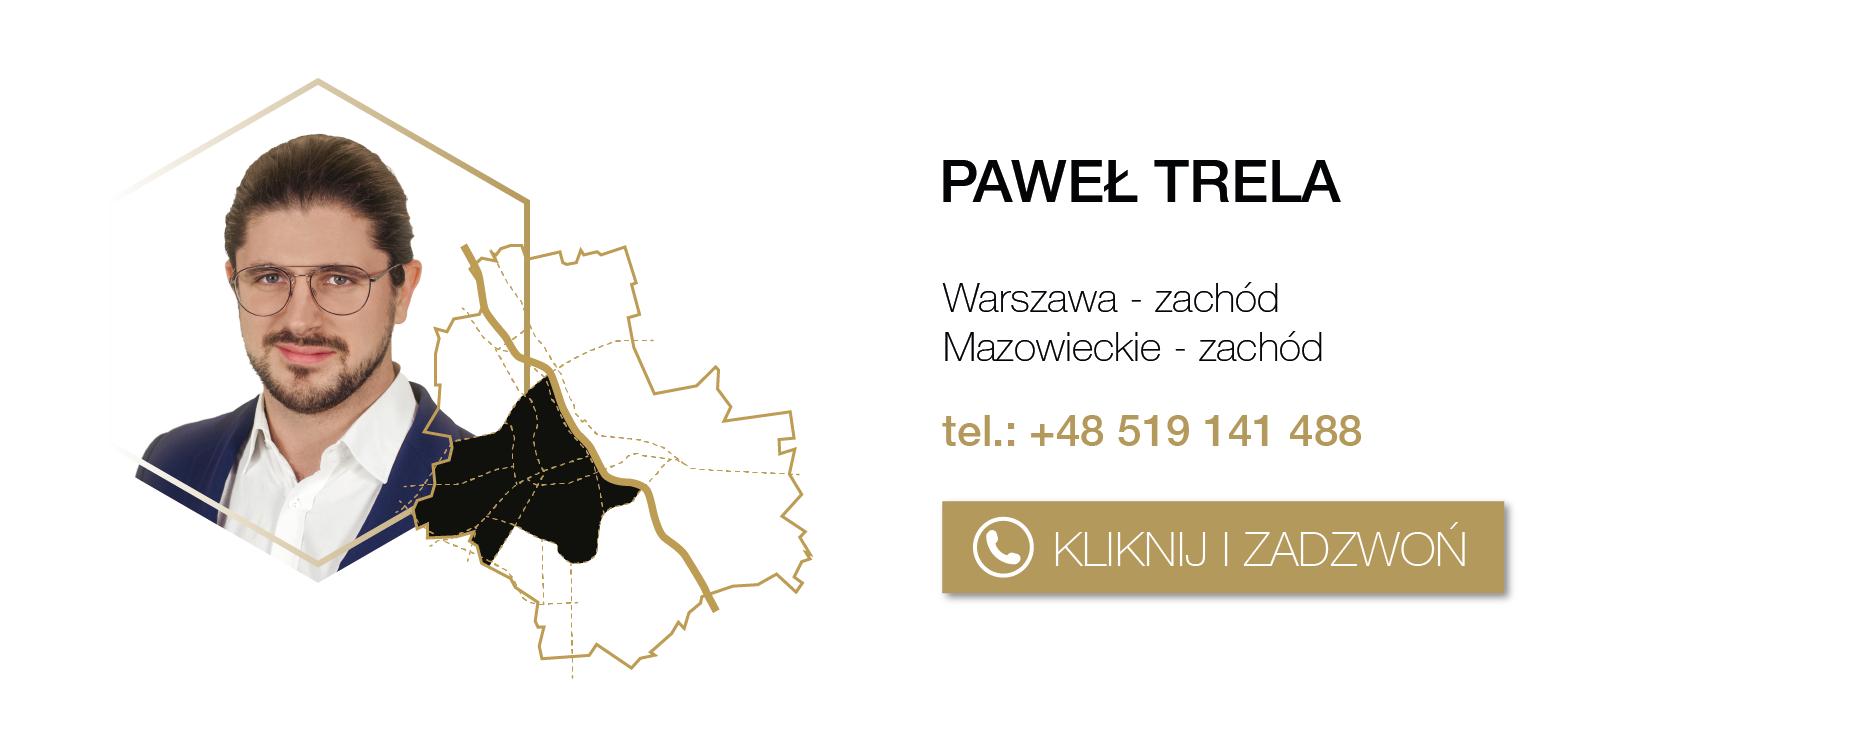 Paweł Trela